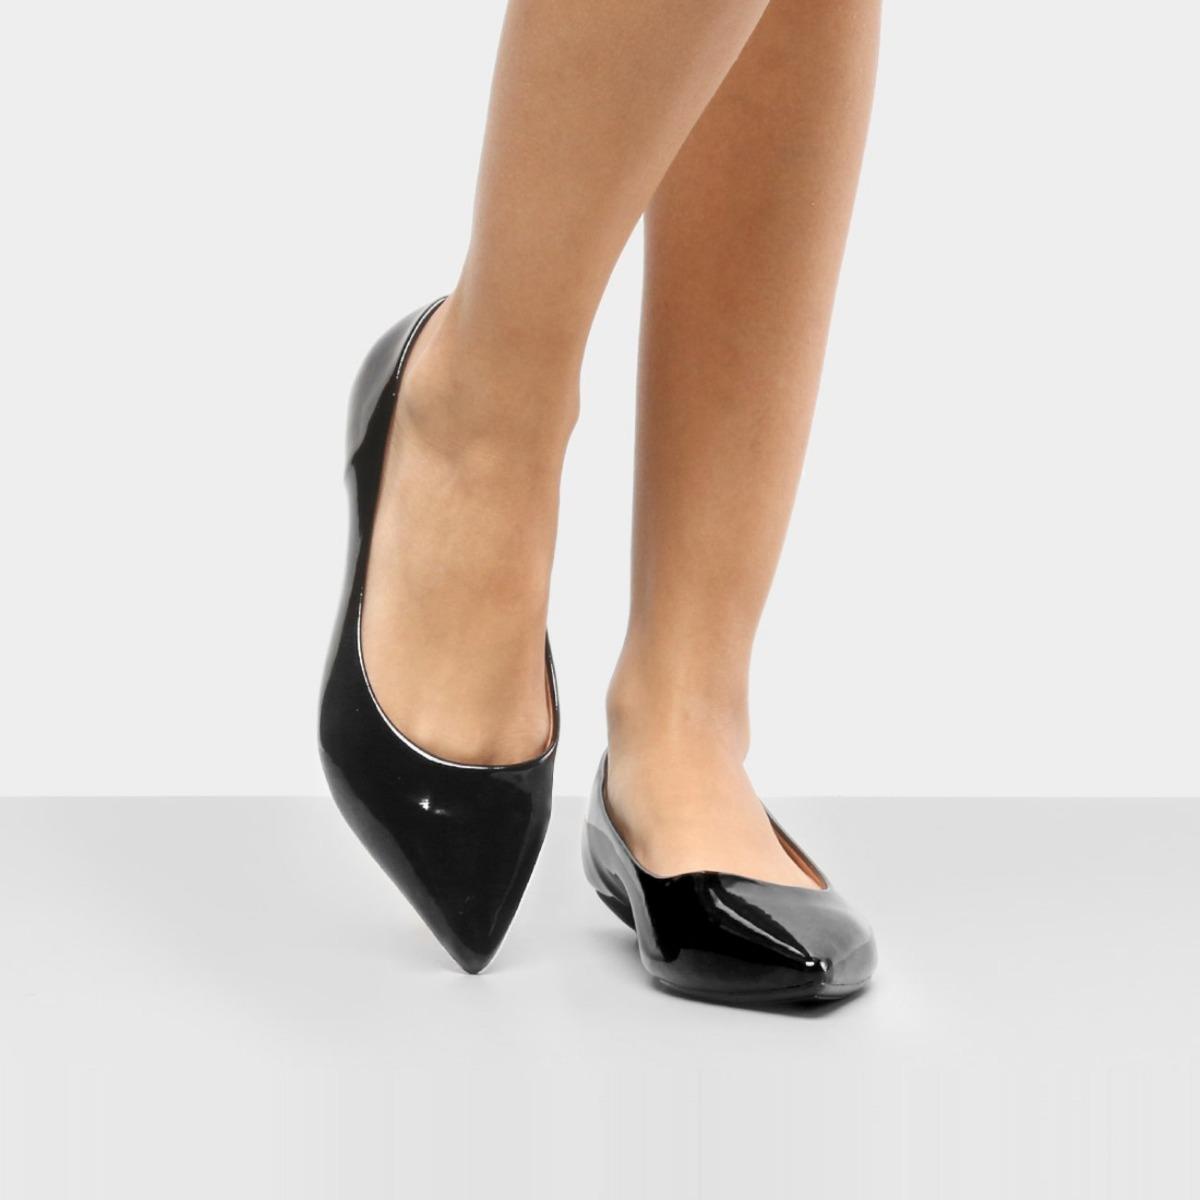 2f6b8850f4b sapato tipo sapatilha bico fino vizzano verniz clássica moda. Carregando  zoom.